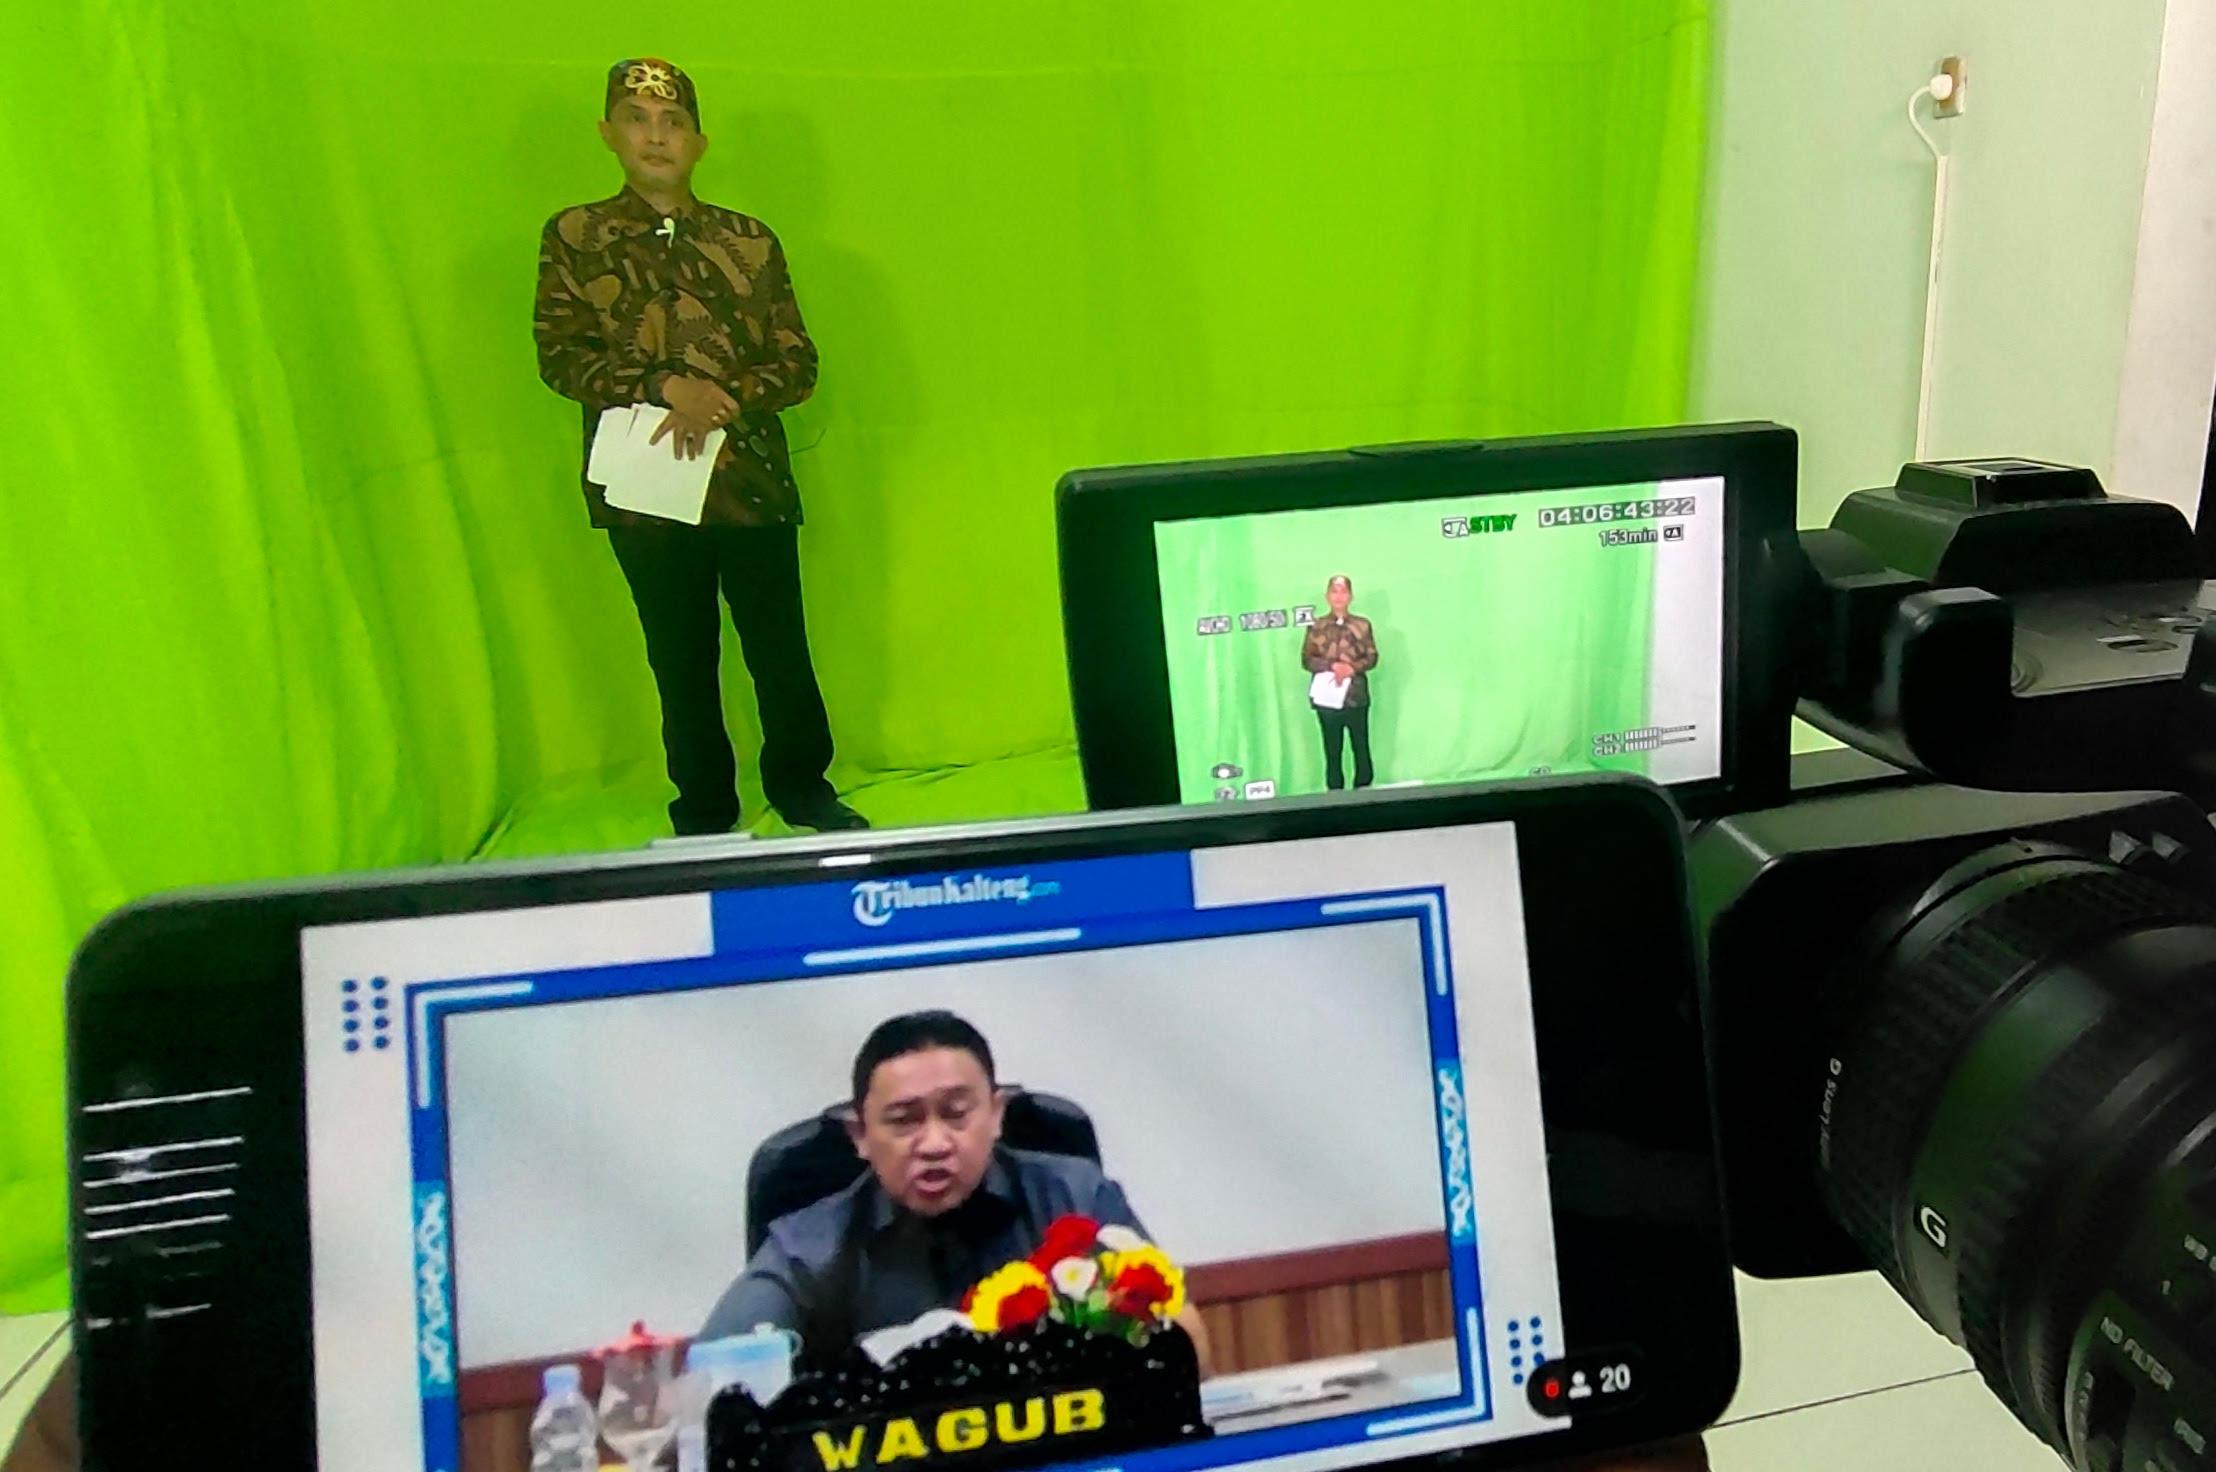 Peluncuran Tribunkalteng.com, portal media ke-57 milik Tribun Network, saat menghadirkan Wakil Gubernur Kalimantan Tengah, Edy Pratowo, Senin (27/9/2021).